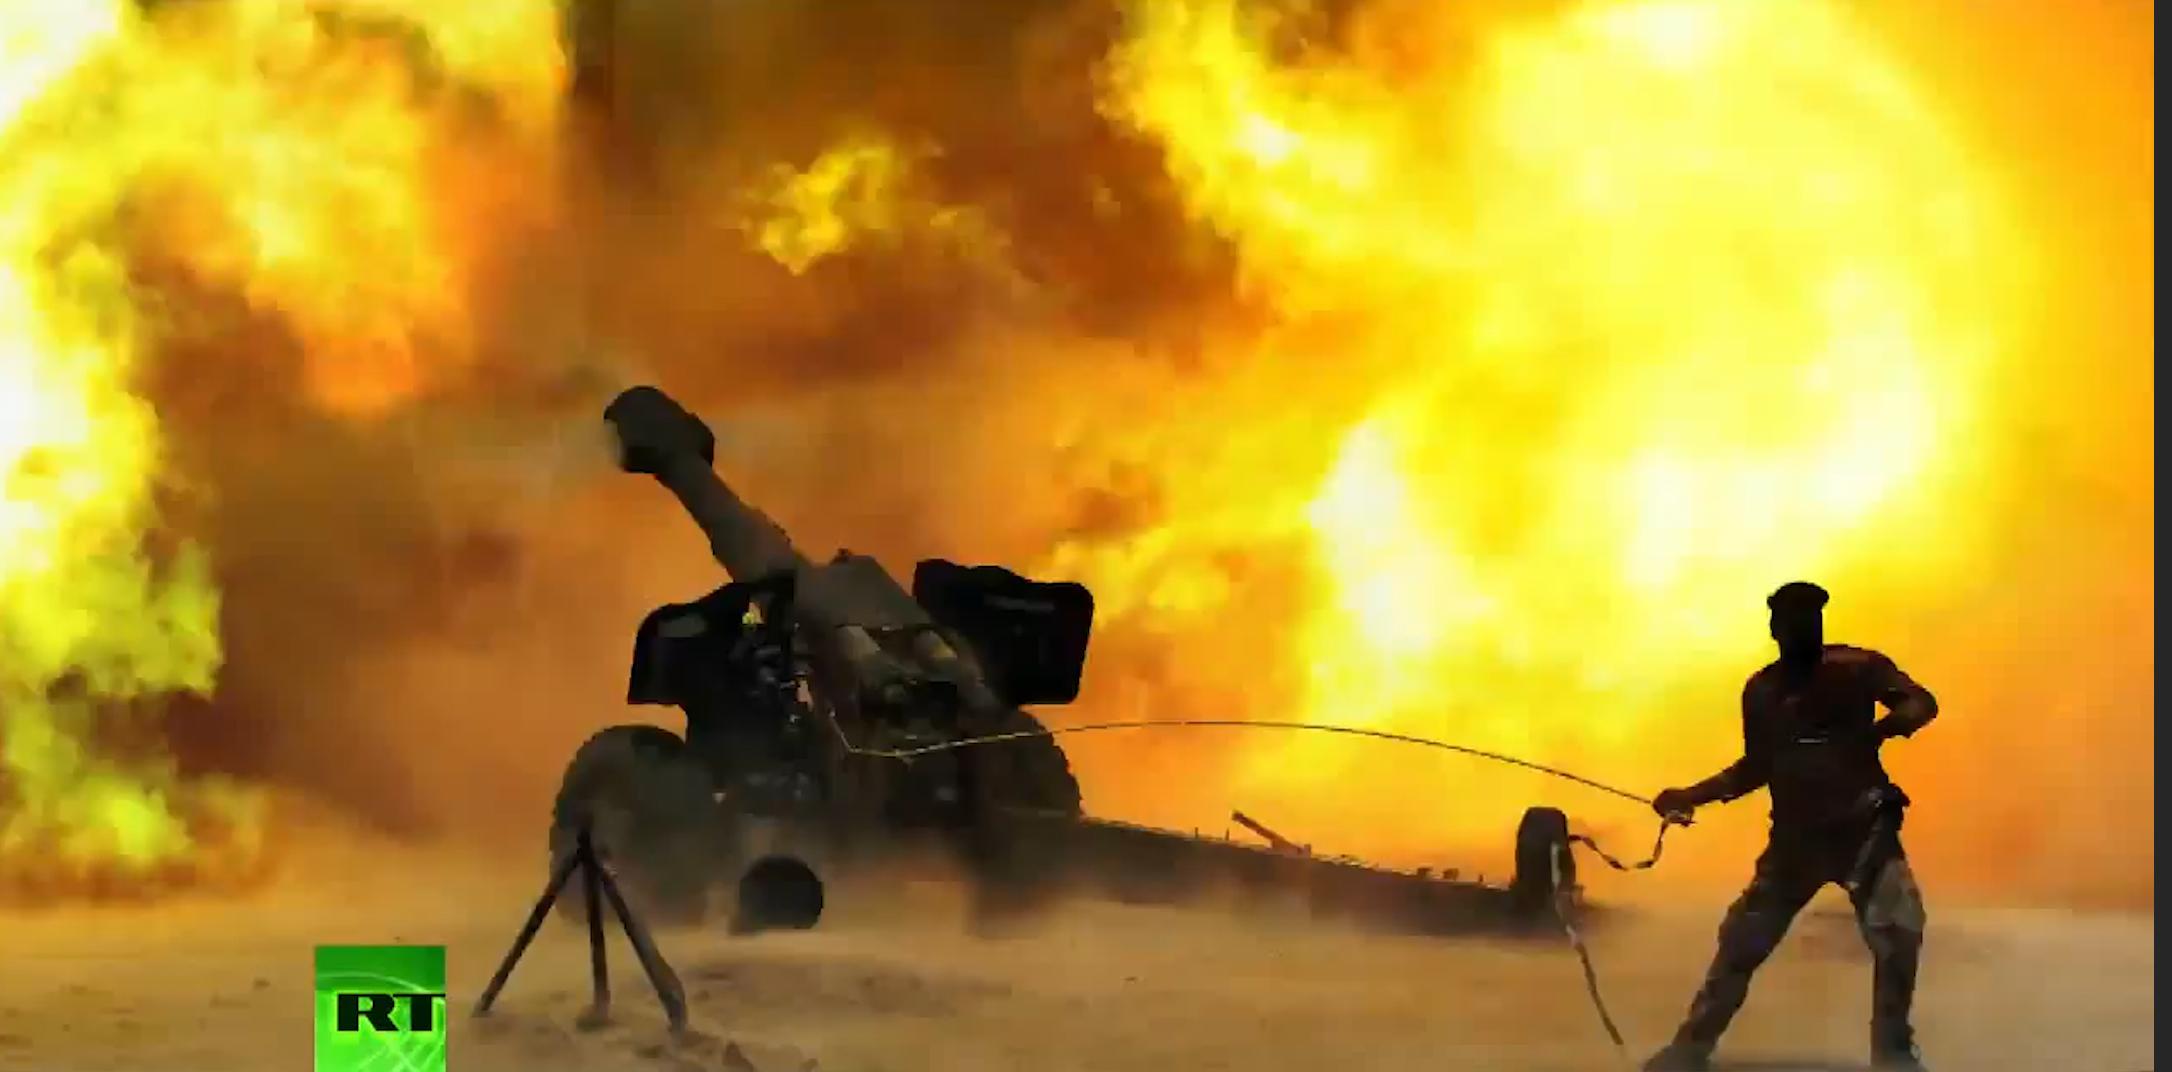 El Mundo Está Atento. Ejercito De Iraq Logra Luego De 2 Años Recuperar La Ciudad De Fallujah De Los Terroristas Islámicos De ISIS